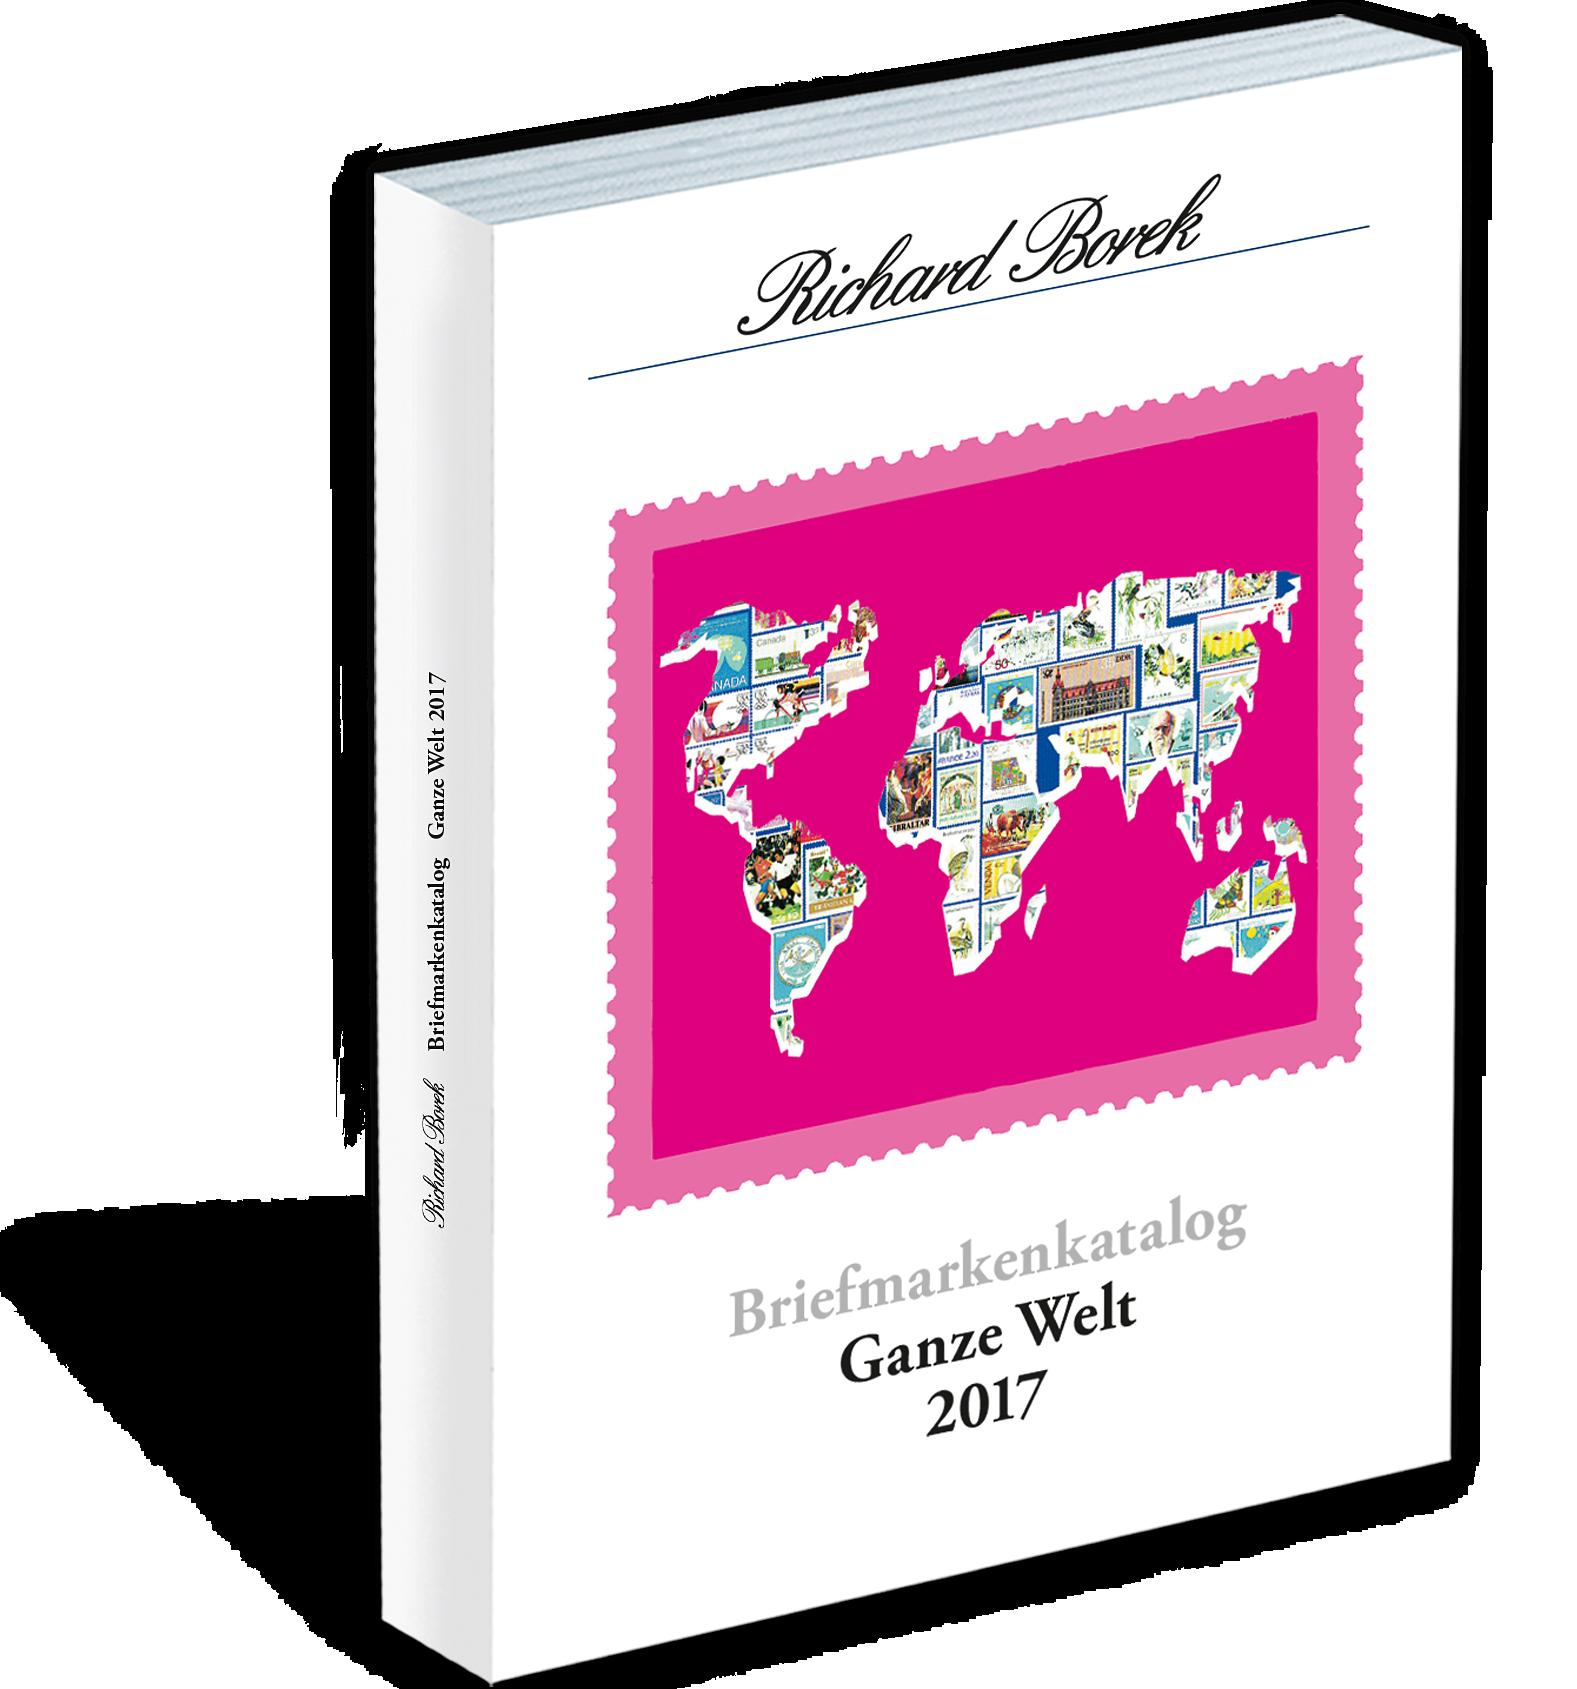 Briefmarkenkatalog der Firma Richard Borek